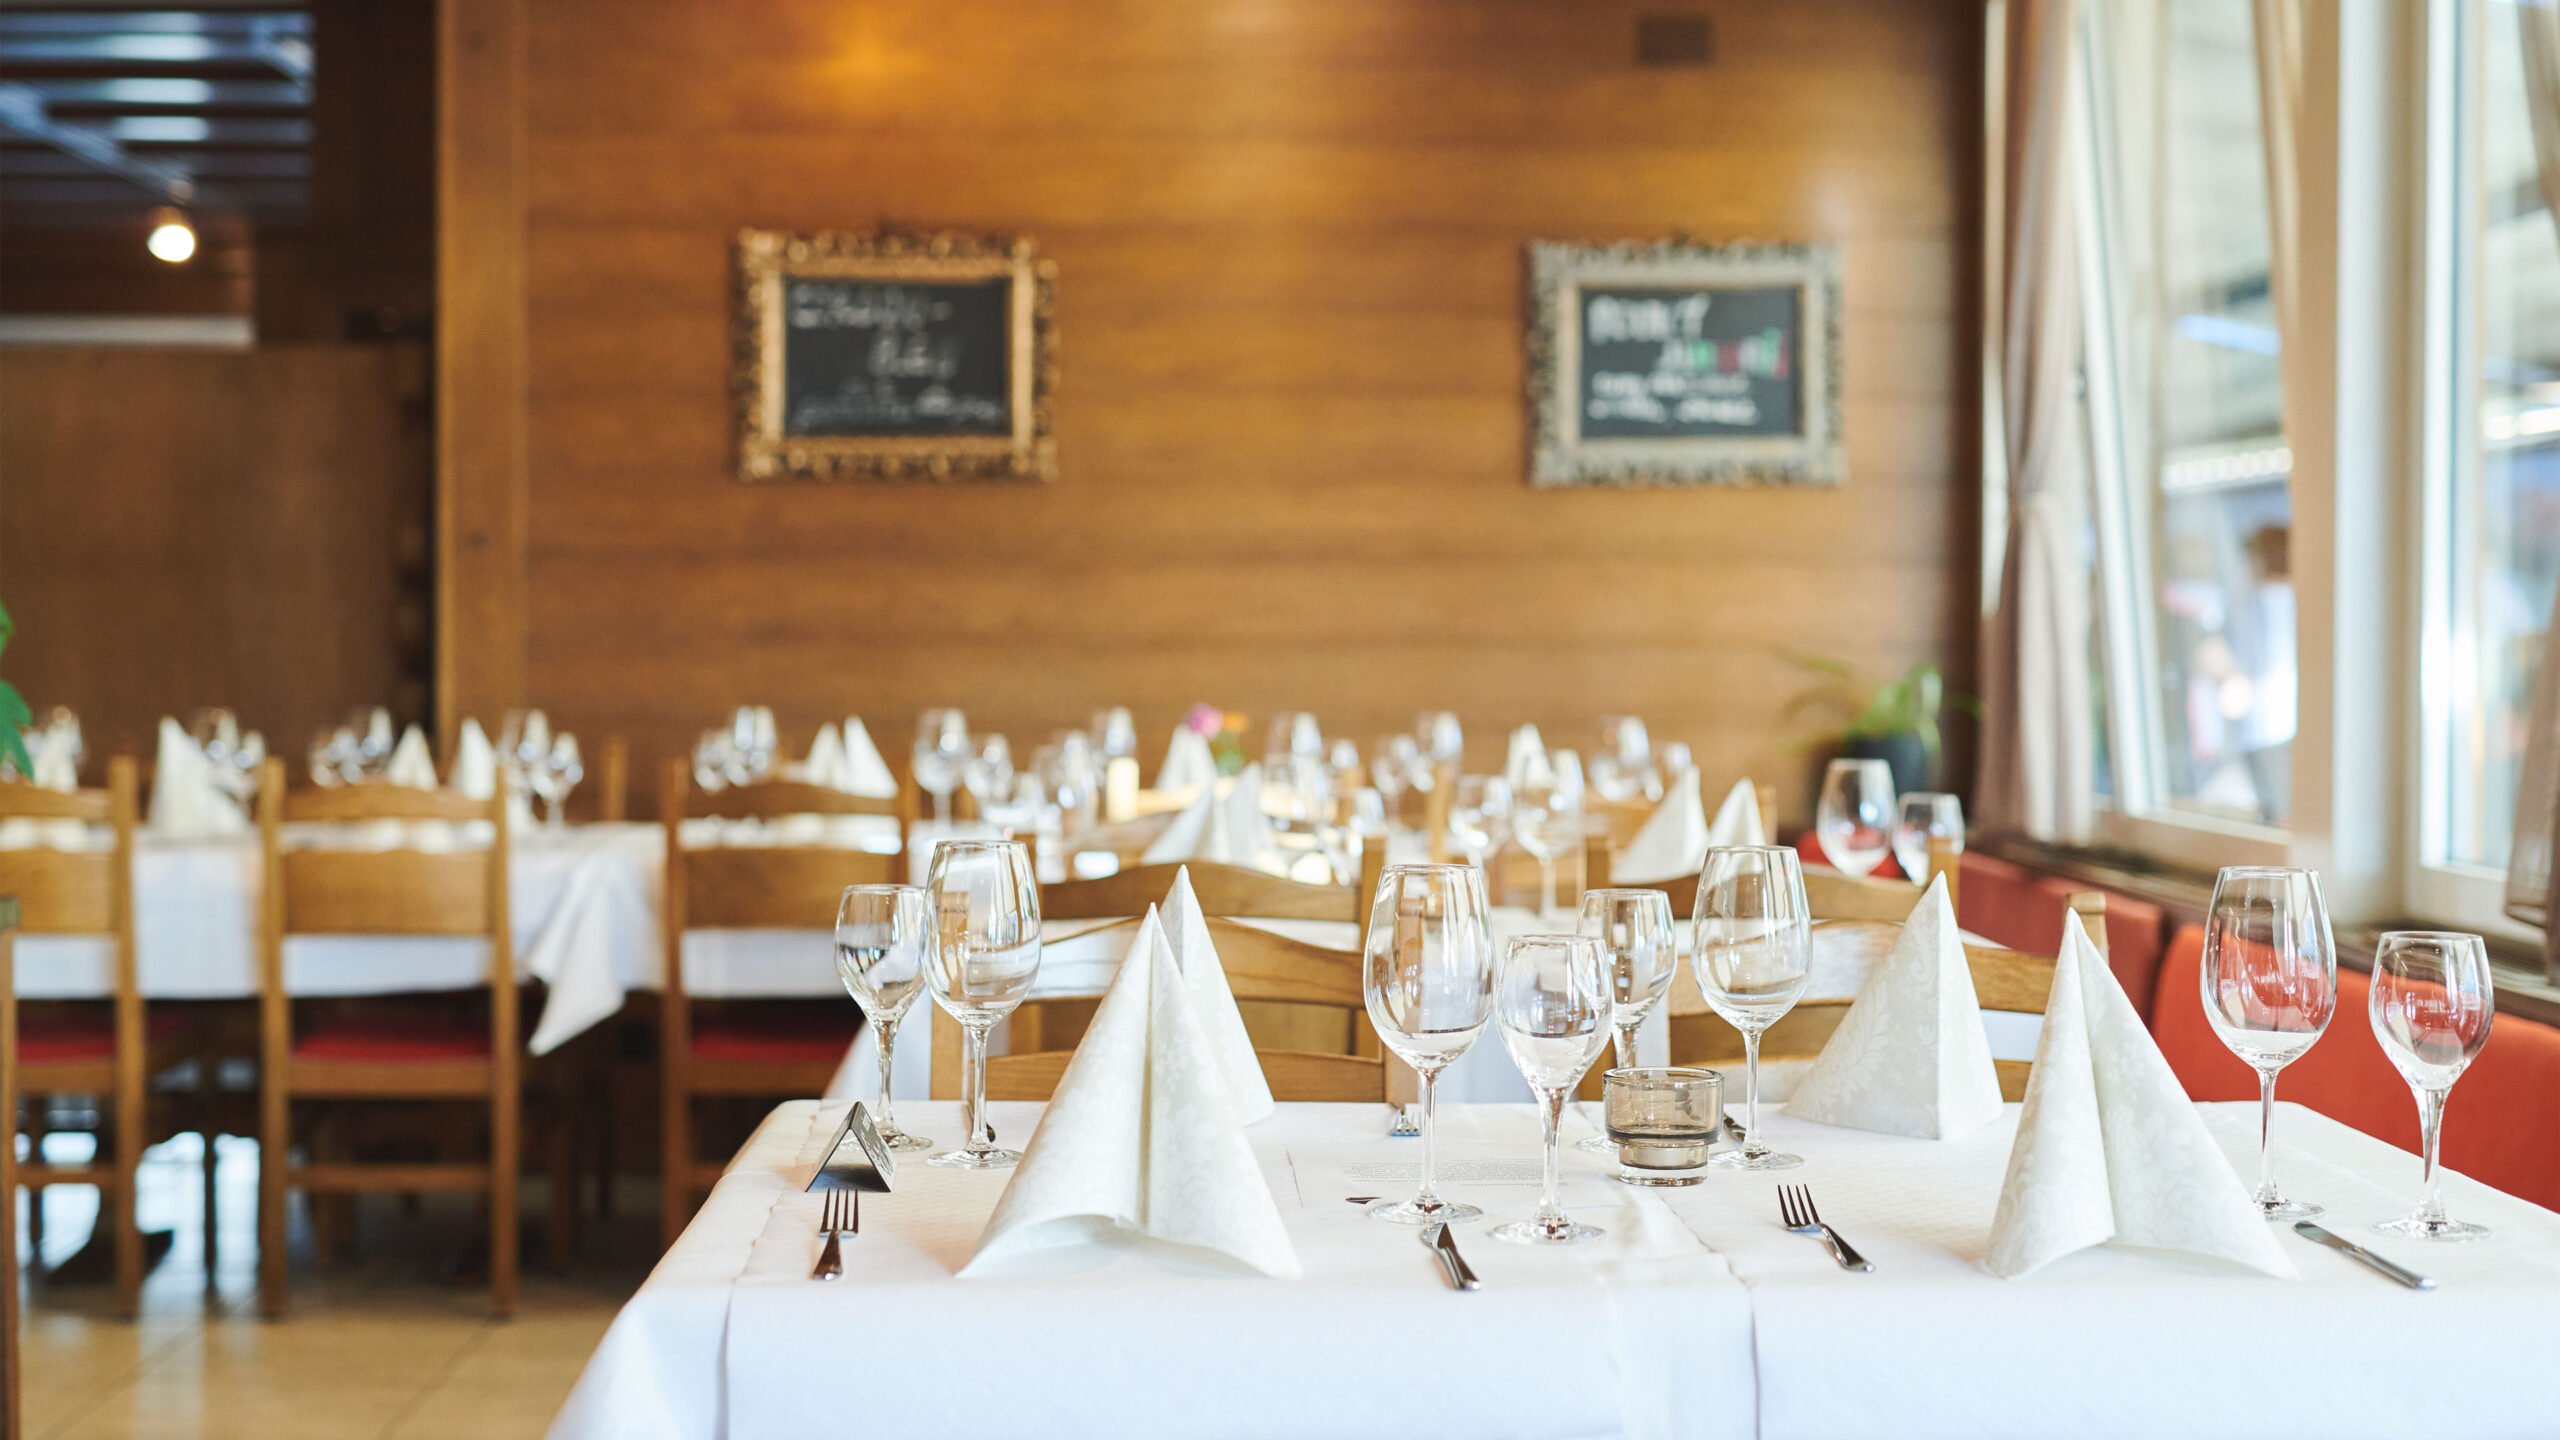 Restaurant-Schiffli-Diepoldsau-200905-PHK0195_eciRGB_v2-3840x2160